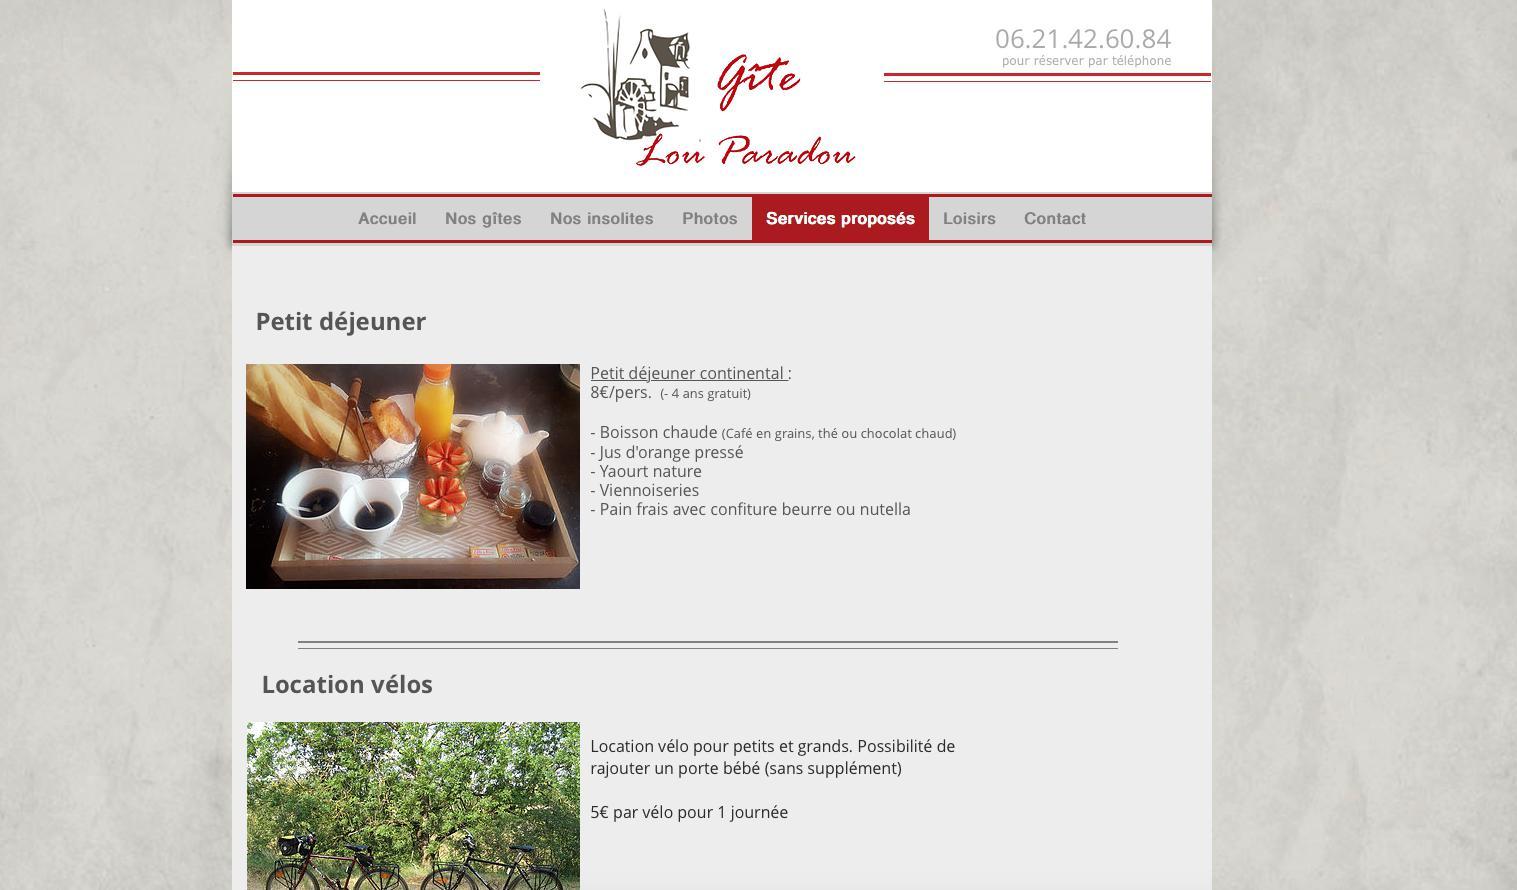 Le-gite-Lou-Paradon-partenaire-de-Taxi-Massilia